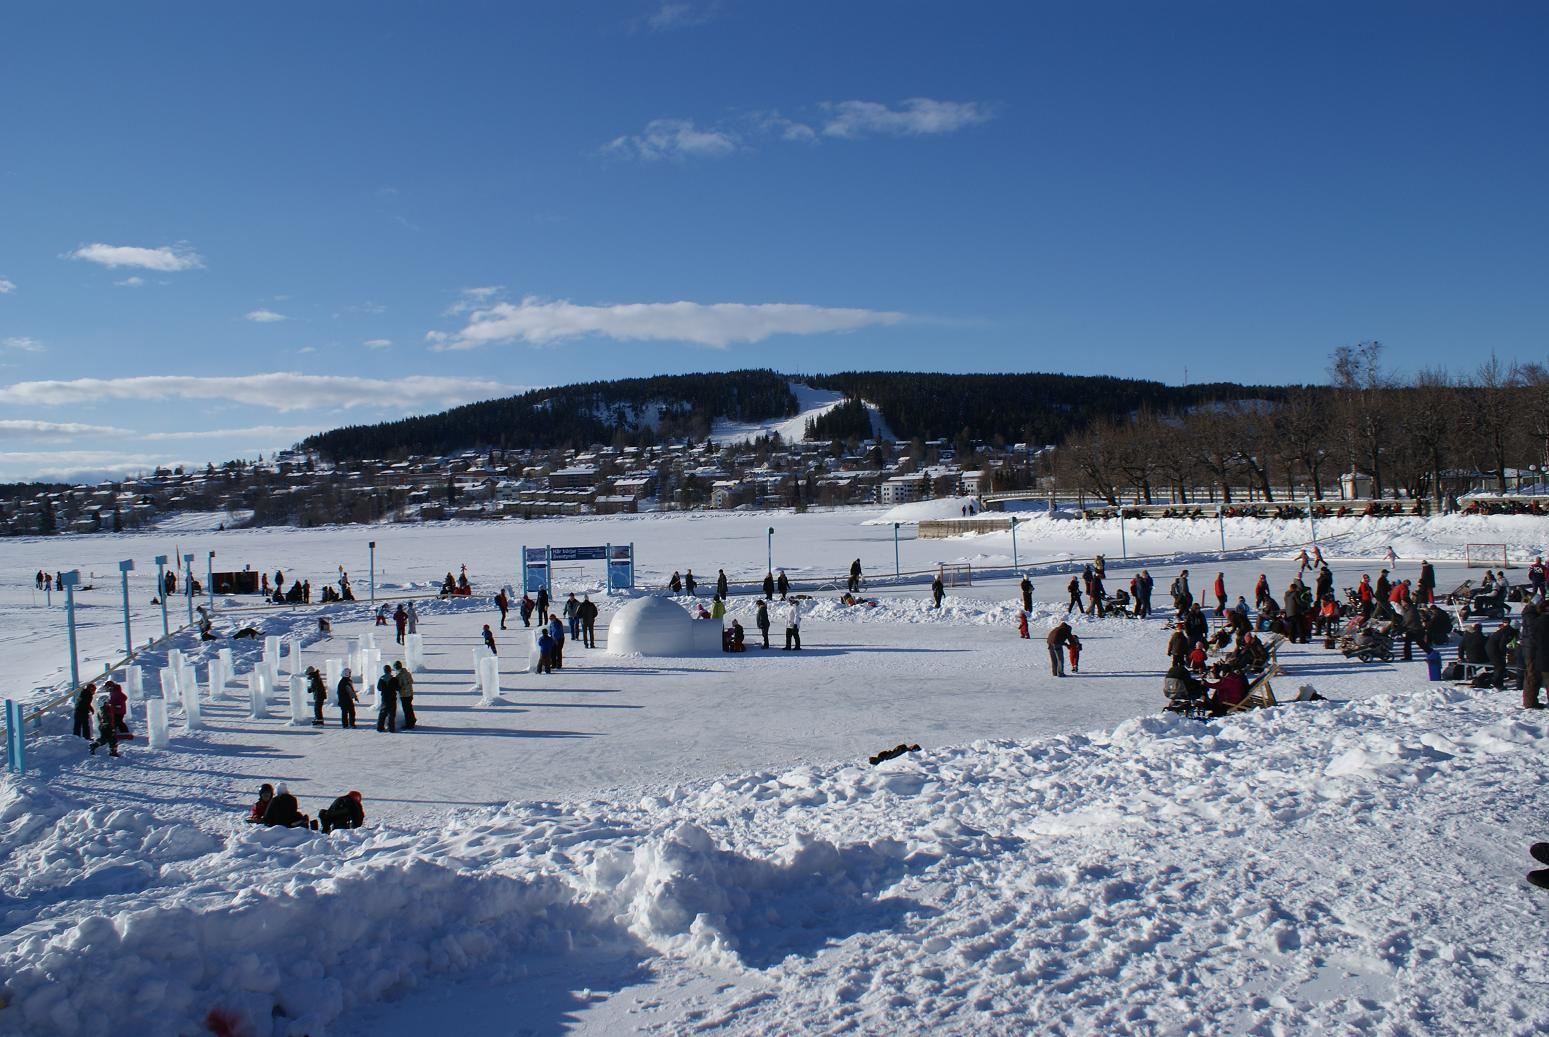 Vinterparken - Lekland av is och snö